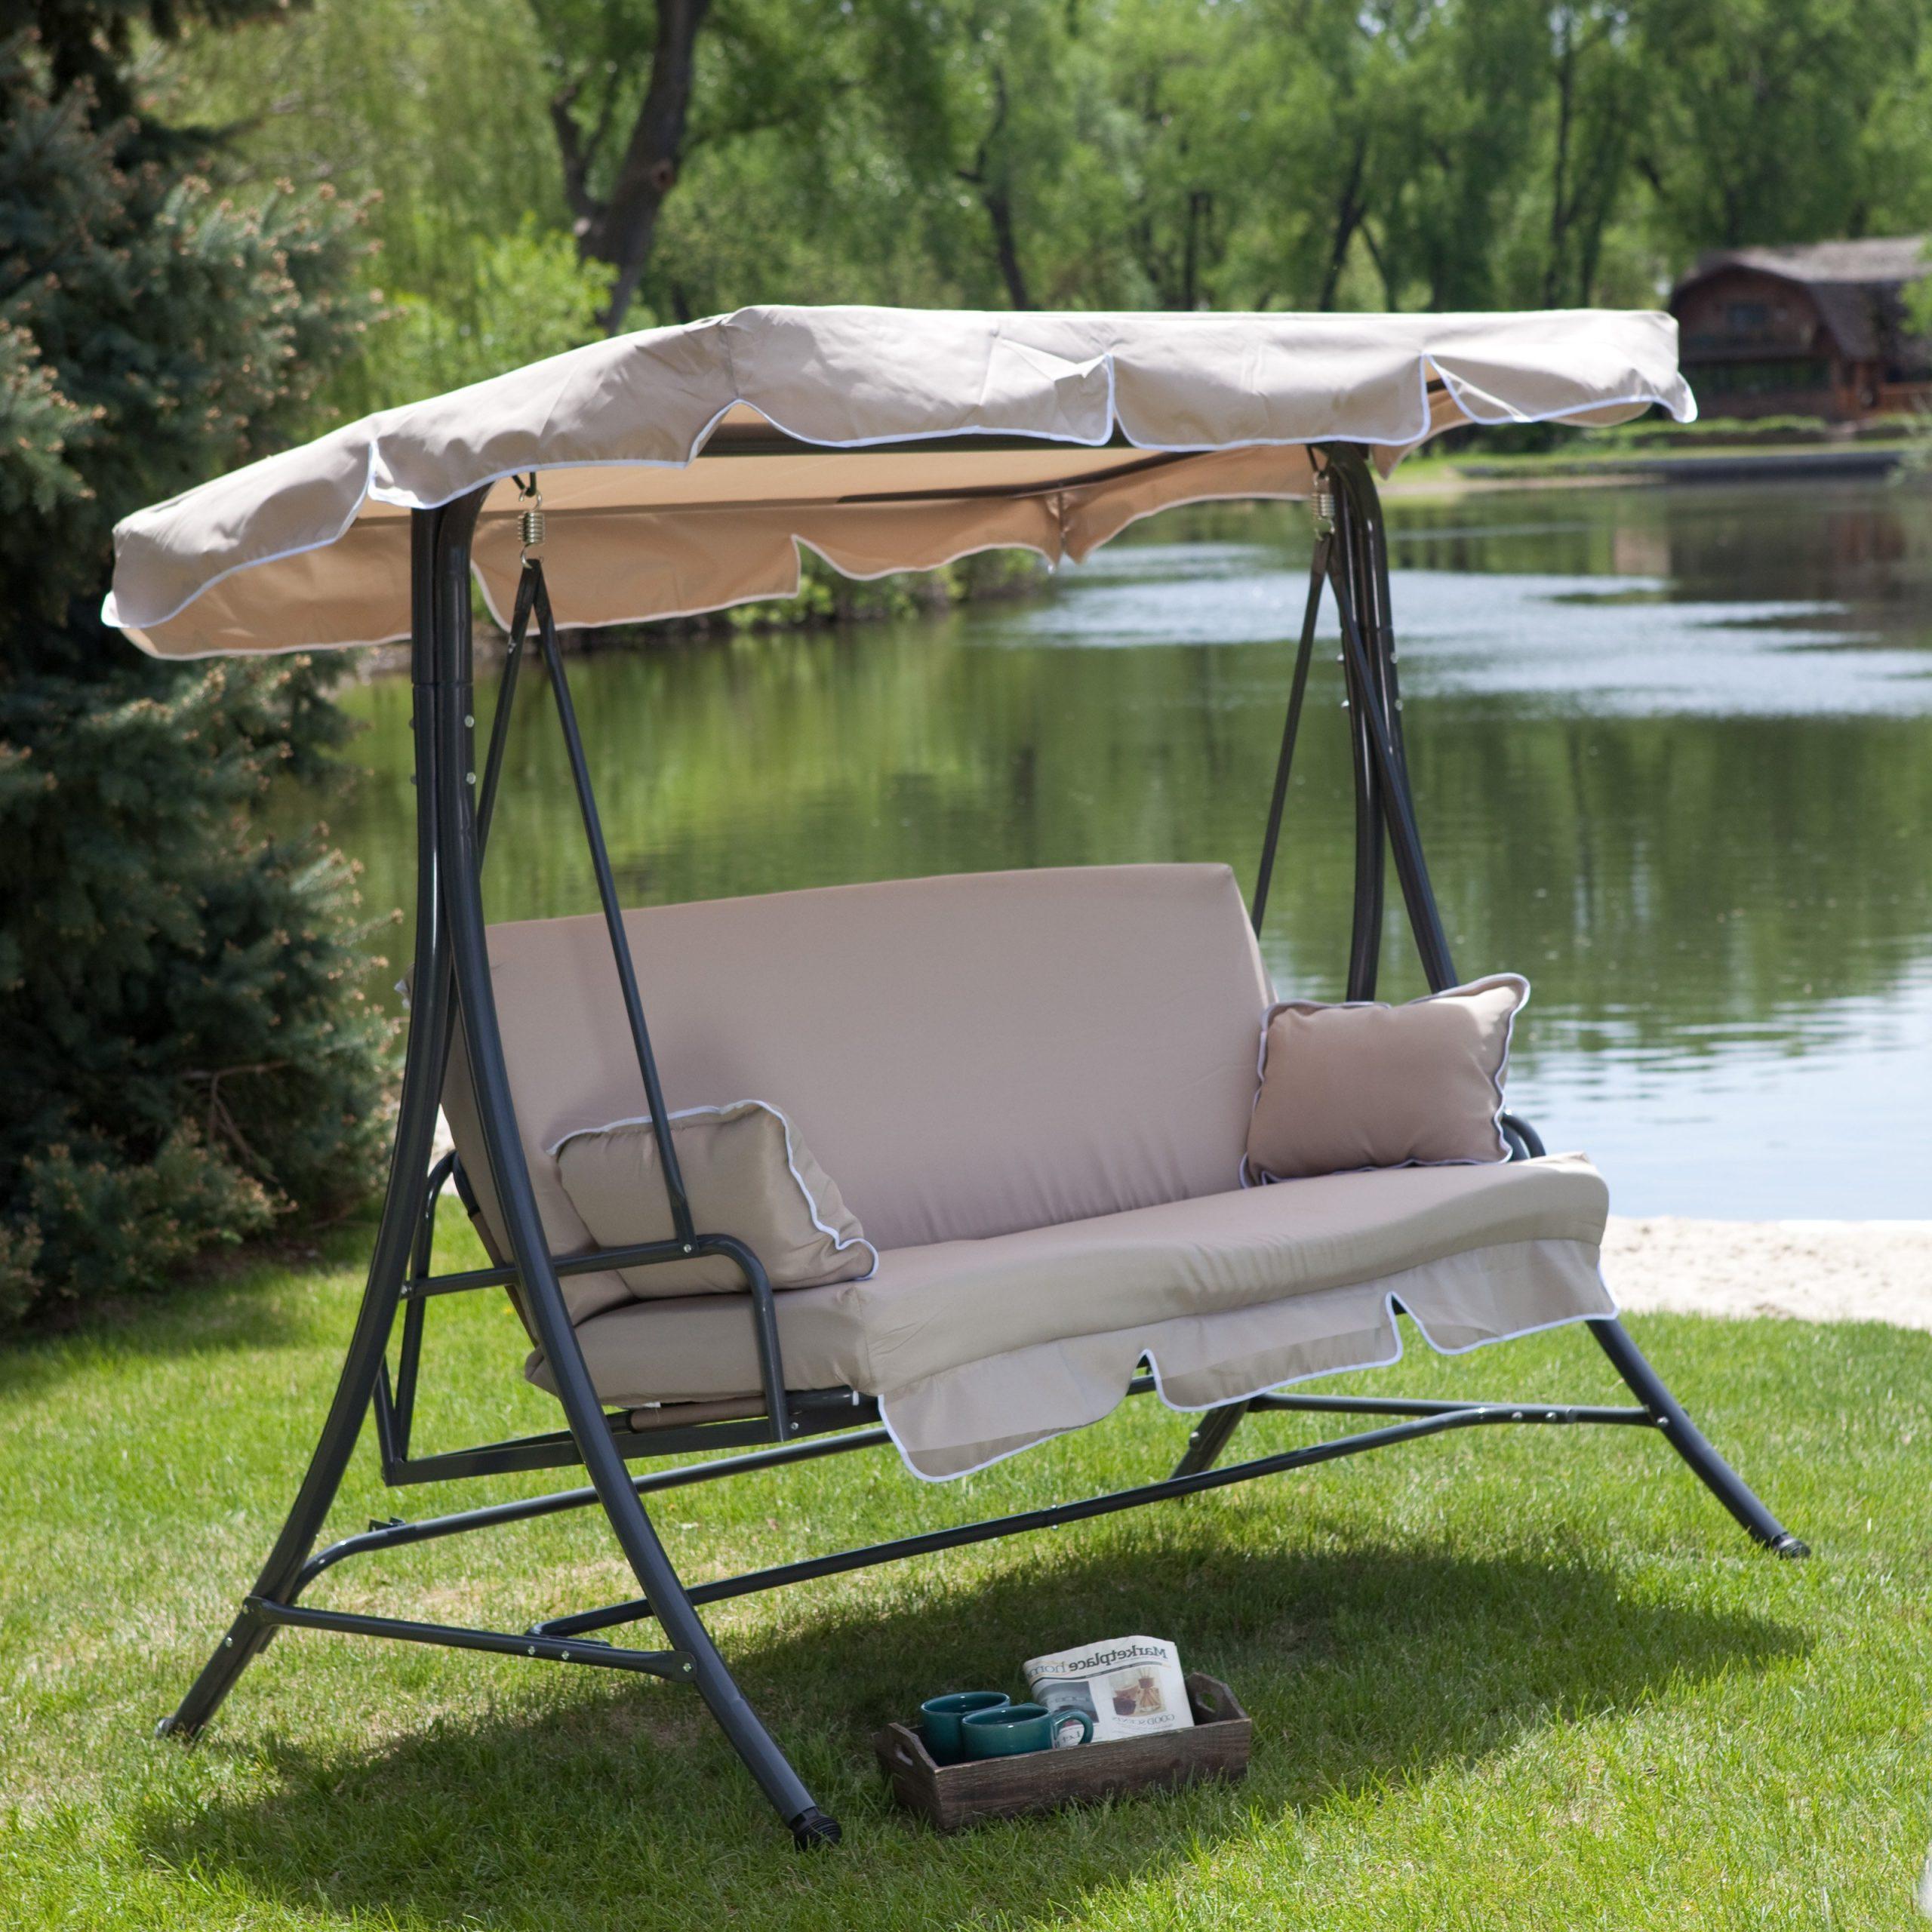 Hammock Patio Backyard Terrace Bliss Wide Oversized With Regarding Patio Glider Hammock Porch Swings (View 9 of 25)